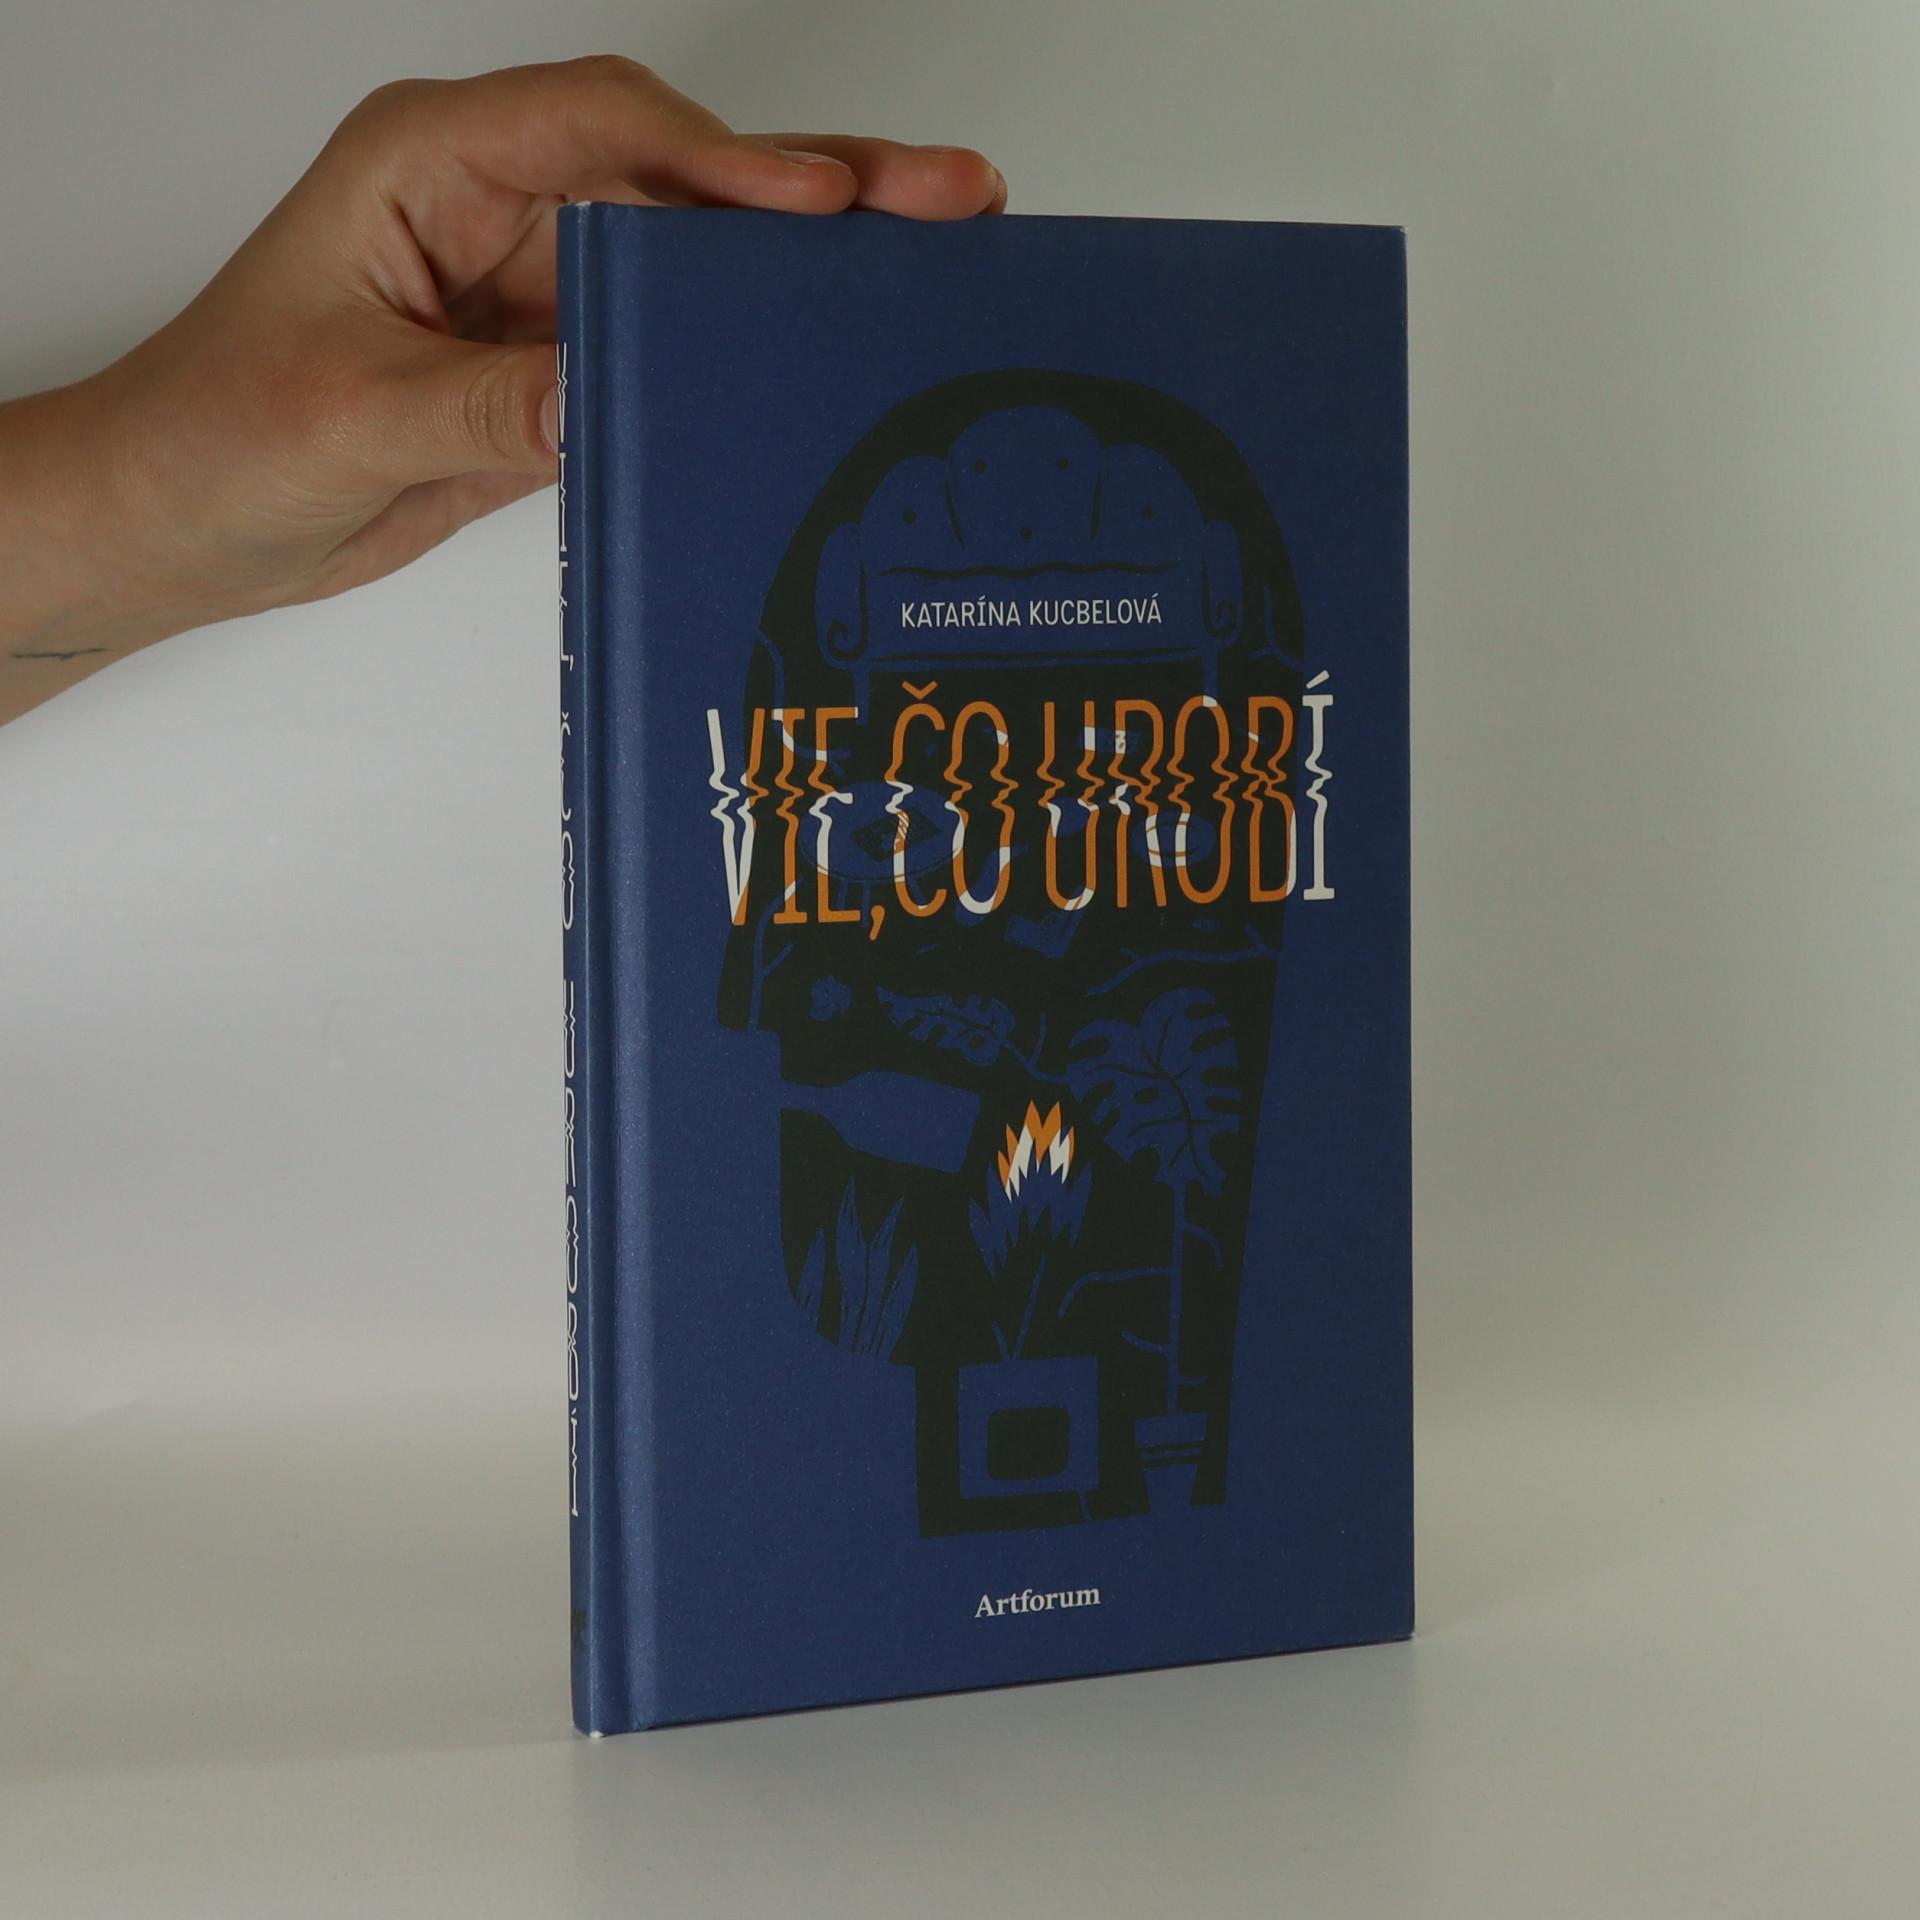 antikvární kniha Vie, čo urobí, 2013